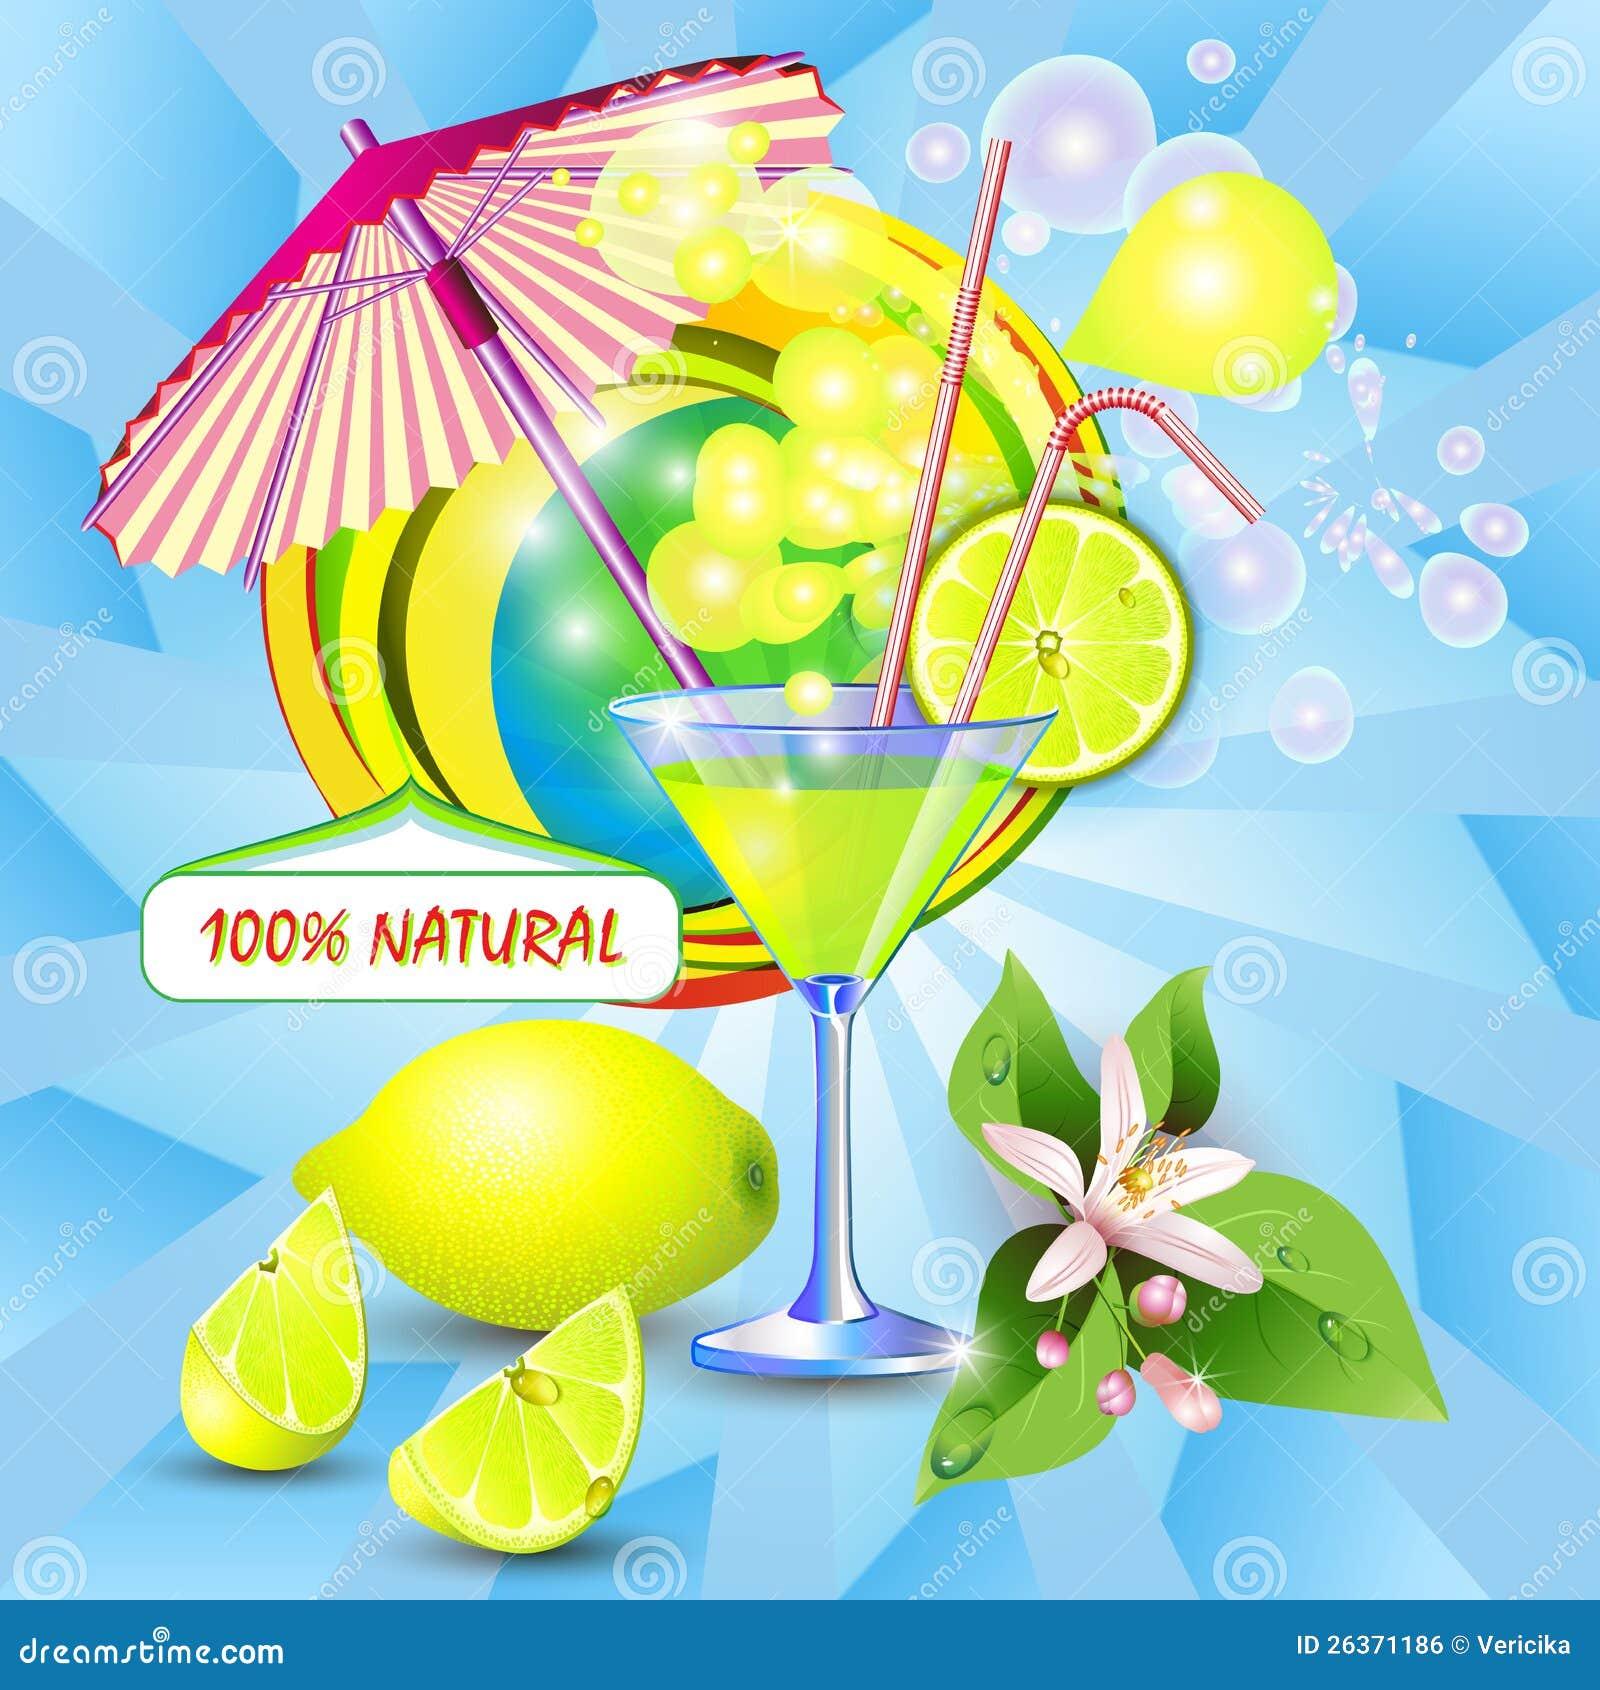 Hintergrund mit frischem Zitronensaft